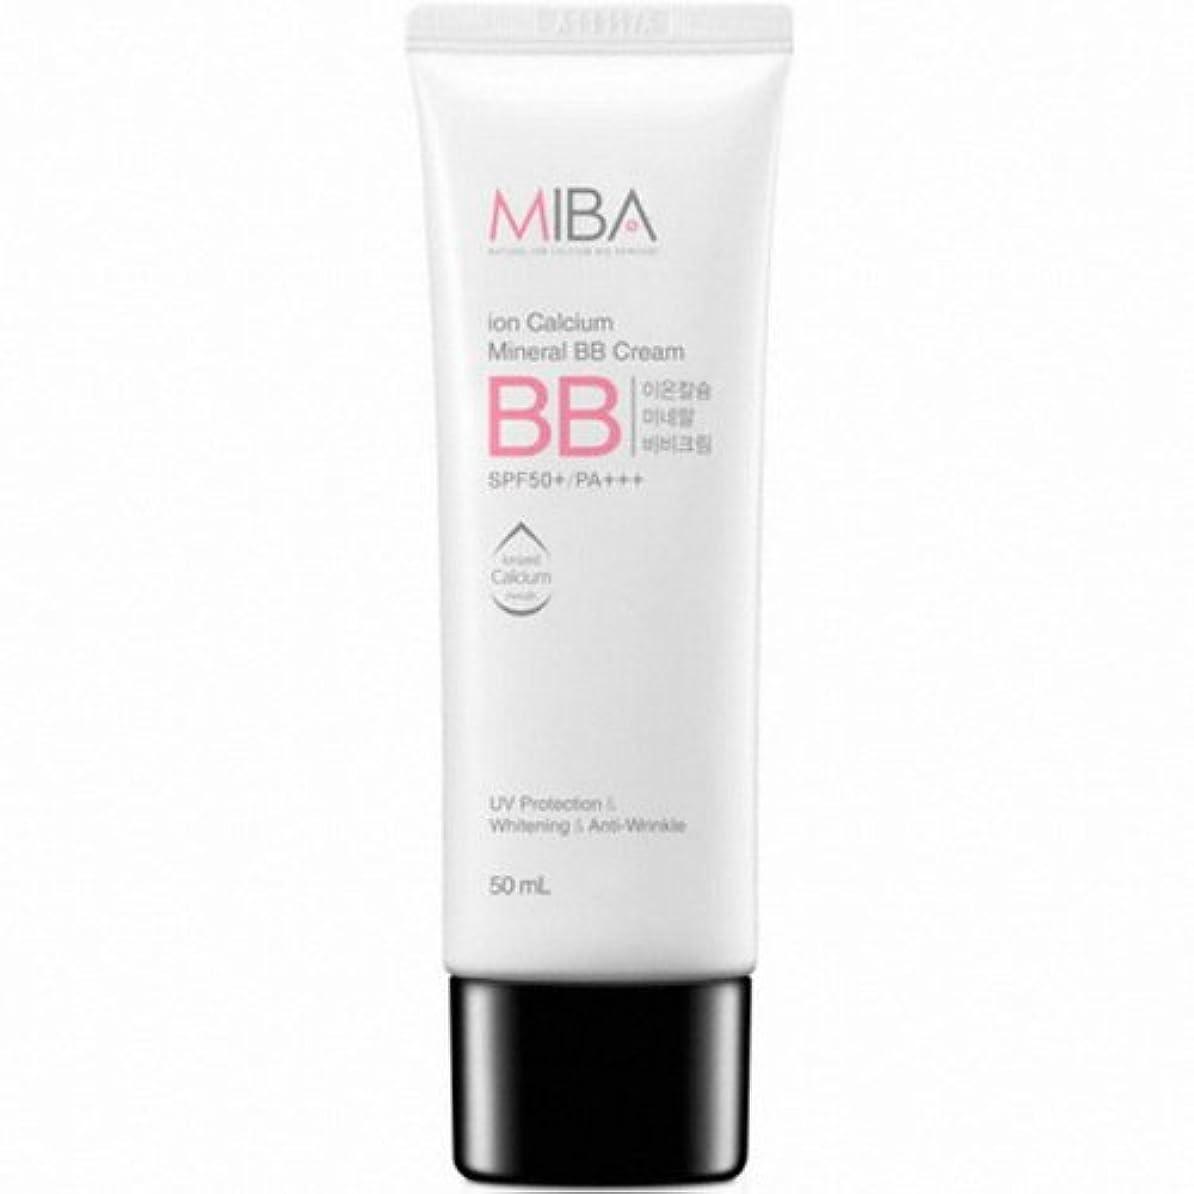 示す登山家花に水をやるMINERALBIO (ミネラルバイオ) ミバ イオン カルシウム ミネラル ビビクリーム / MIBA Ion Calcium Mineral BB Cream (50ml) [並行輸入品]